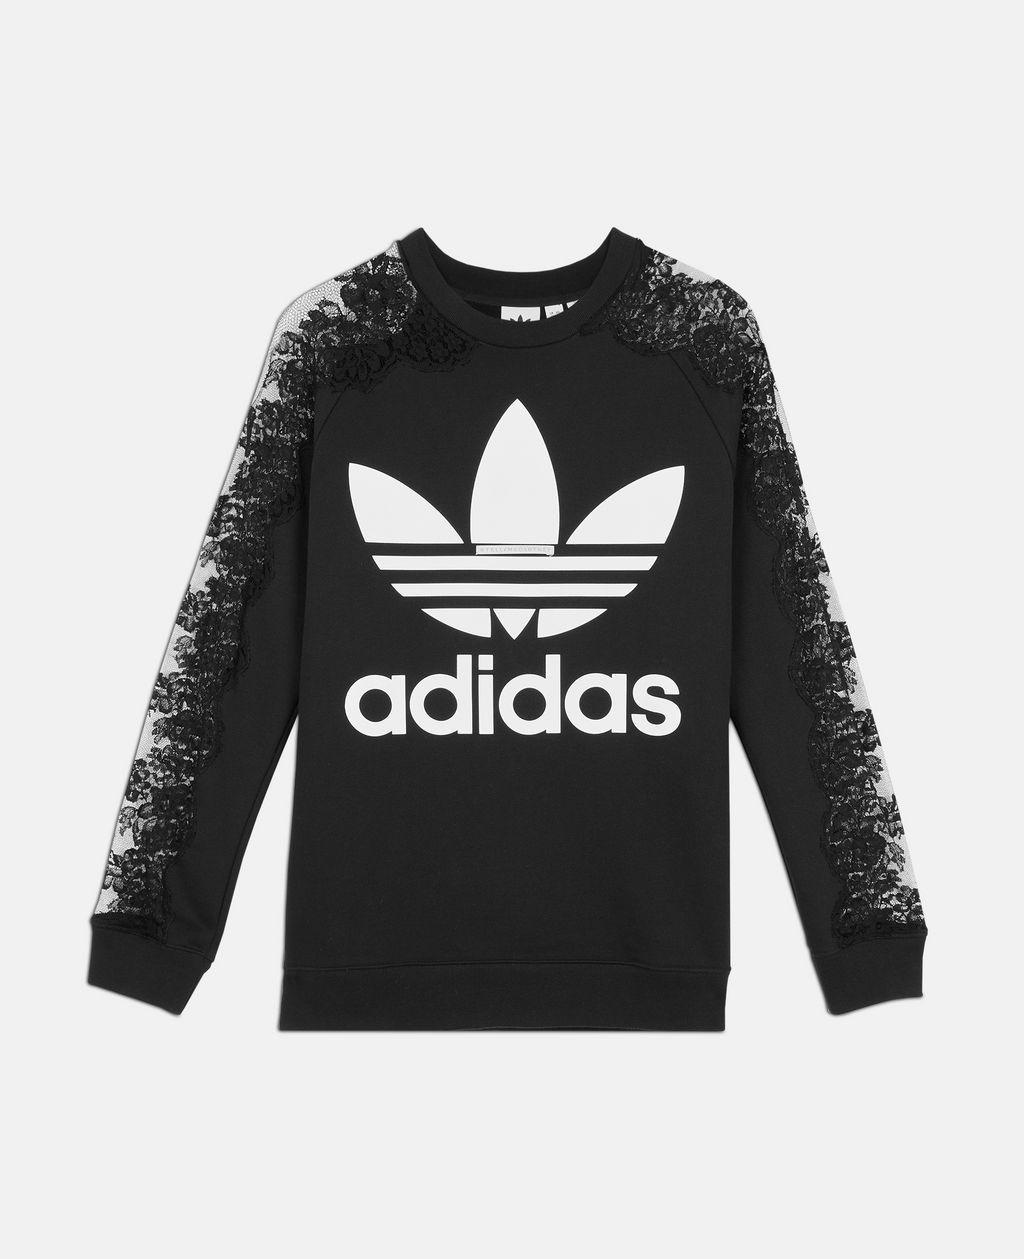 Stella Mccartney Adidas 3 Stripe Lace Sweater Xs [ 1259 x 1024 Pixel ]